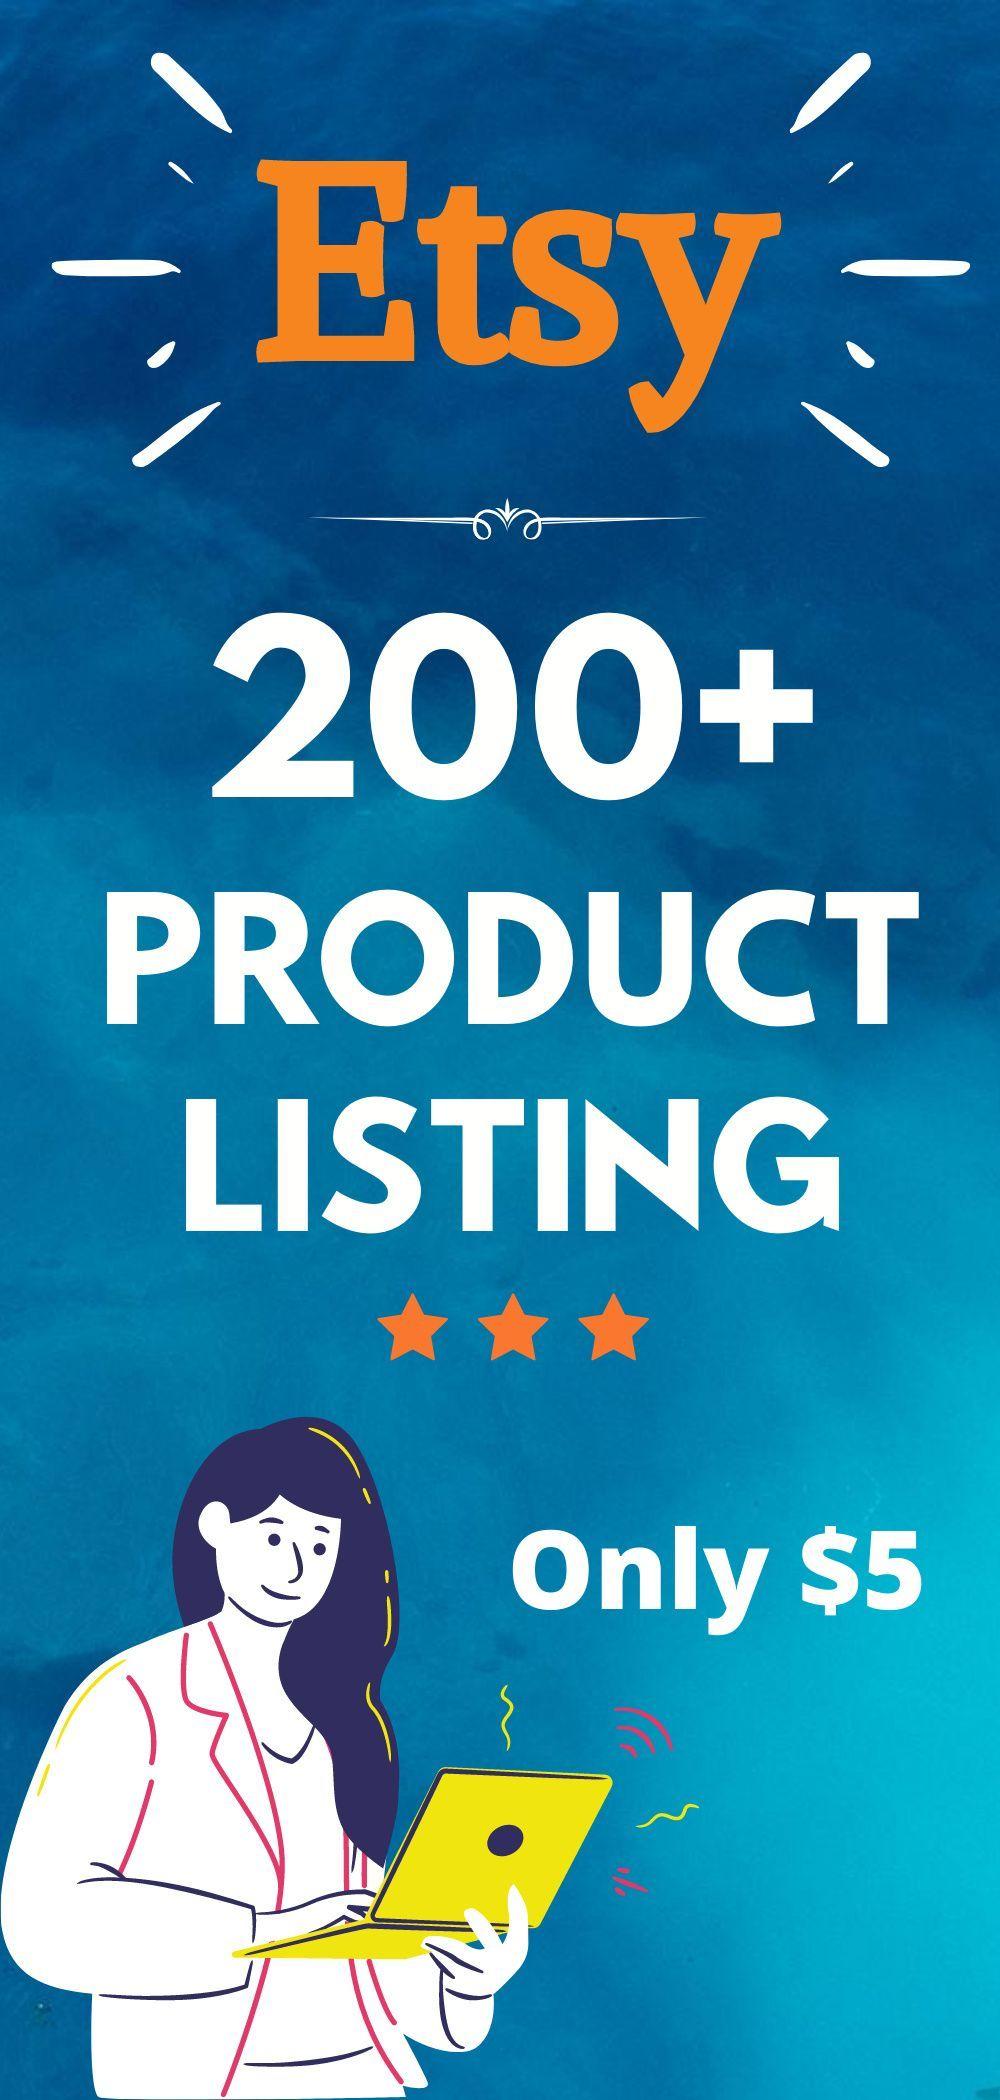 I Will Etsy Listing Etsy Seo Etsy Shop Etsy Promotion Etsy Traffic Etsy Sell Etsy Seo Seo For Beginners Etsy Listing